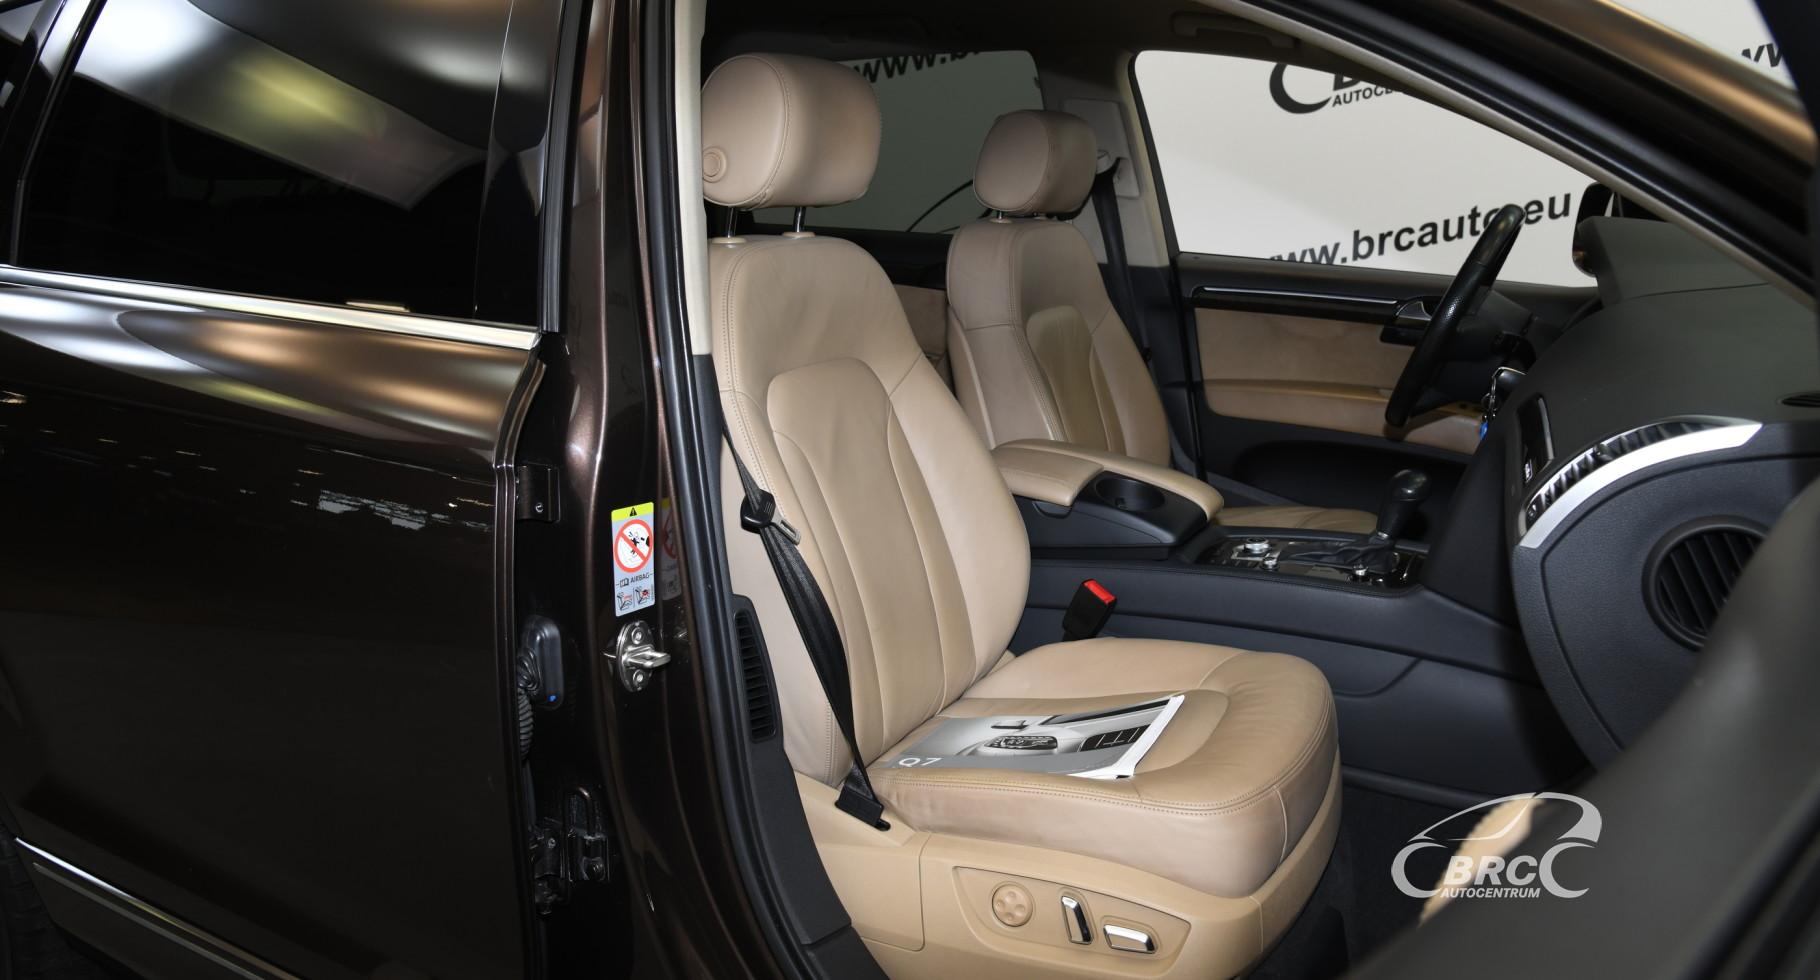 Audi Q7 4.2 TDI Quattro 7-Seats Automatas